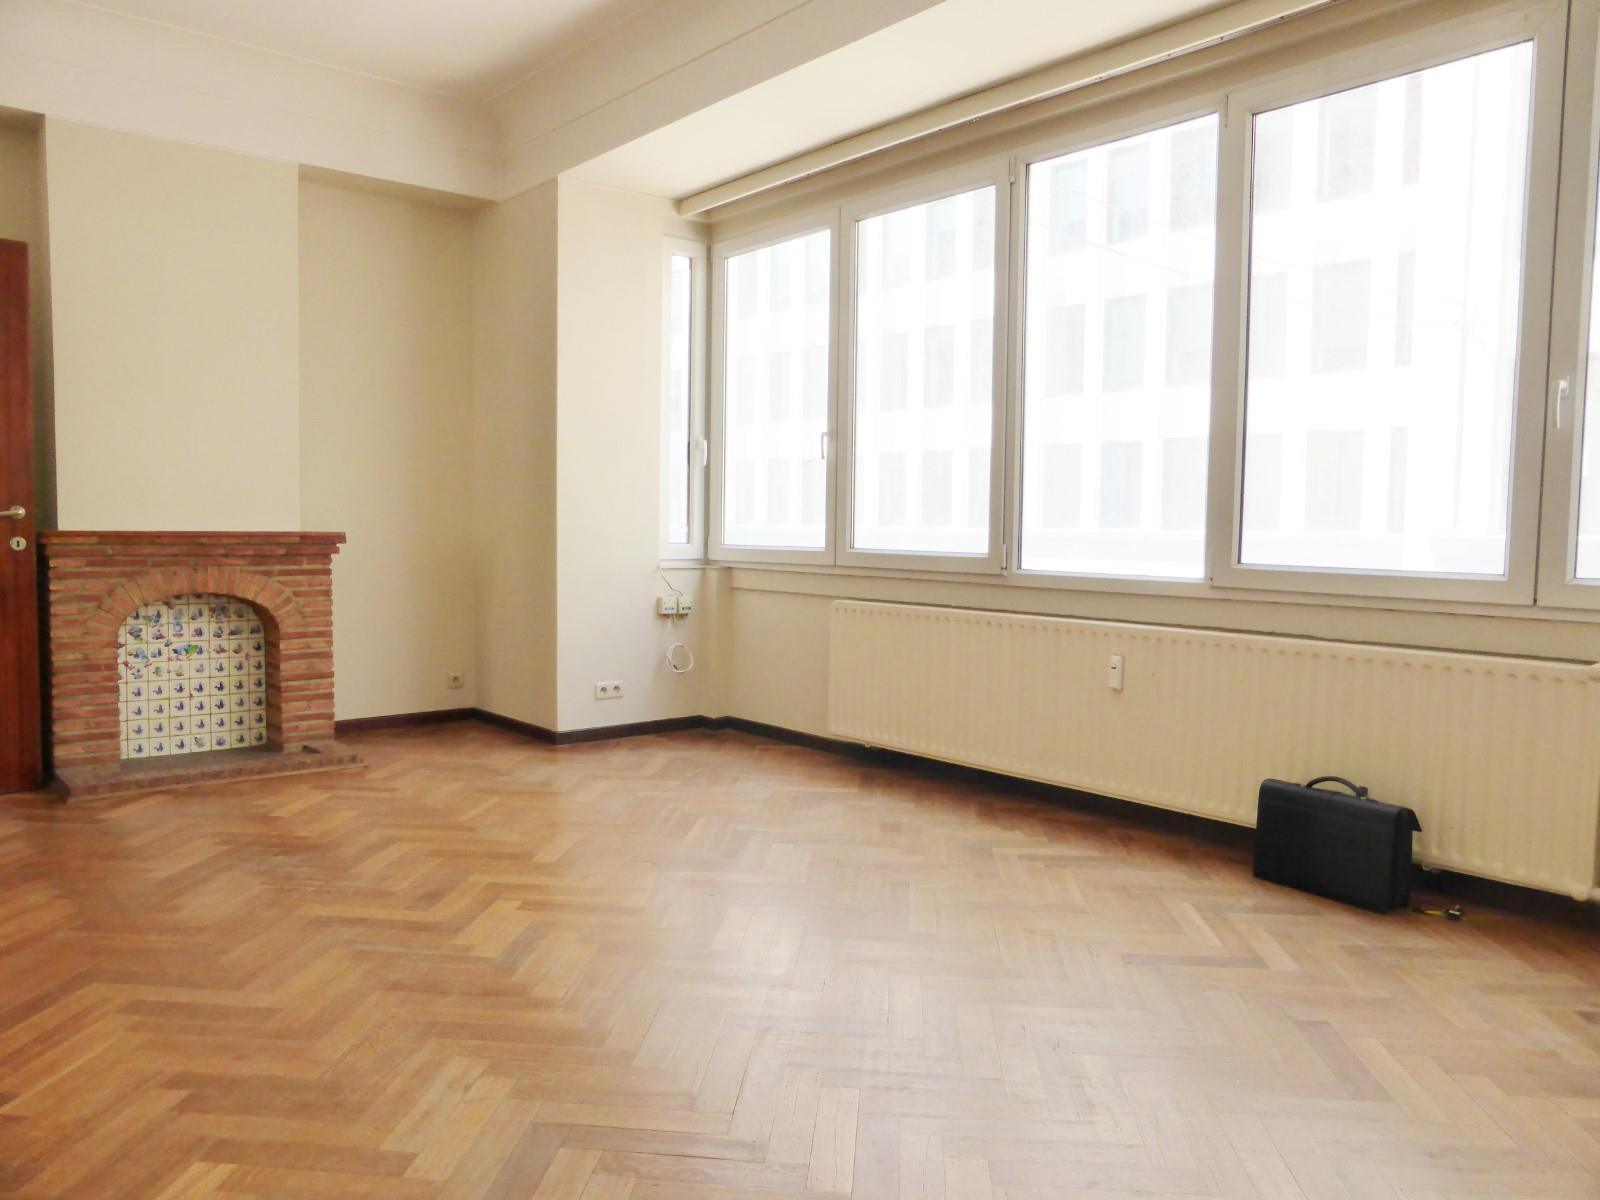 Flat - Bruxelles - #3798429-7